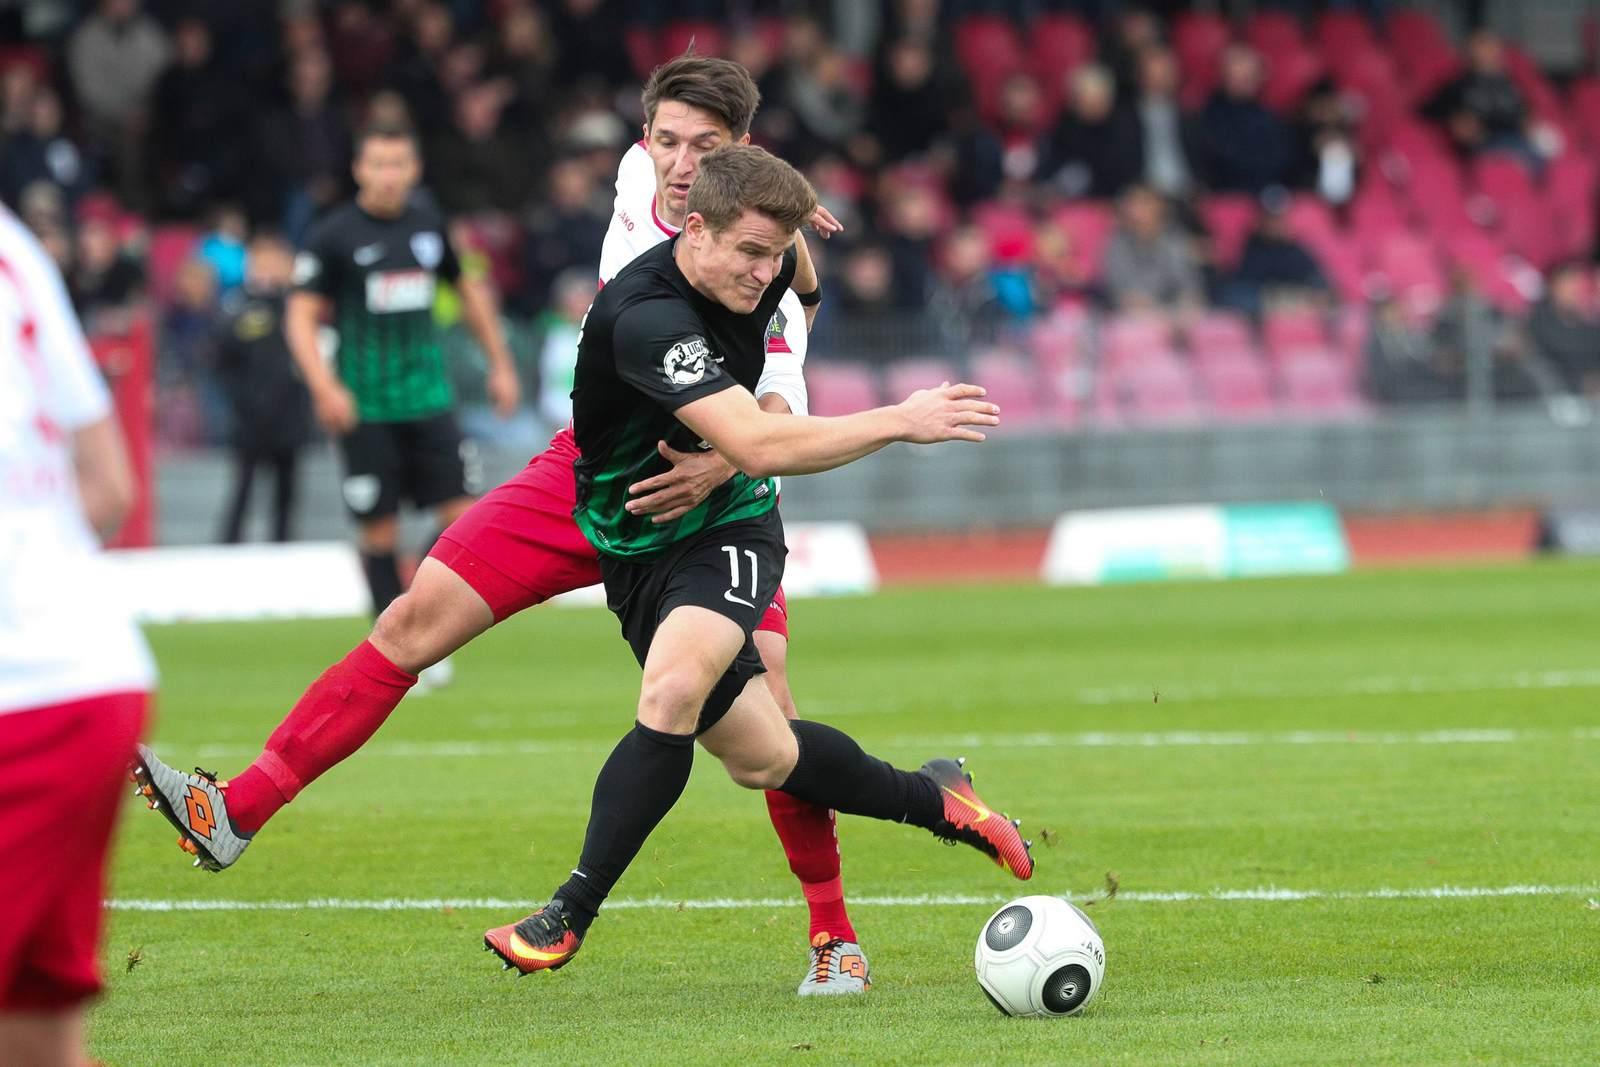 Tobias Rühle im Duell mit Markus Pazurek. Jetzt auf die Partie Münster gegen Fortuna Köln wetten